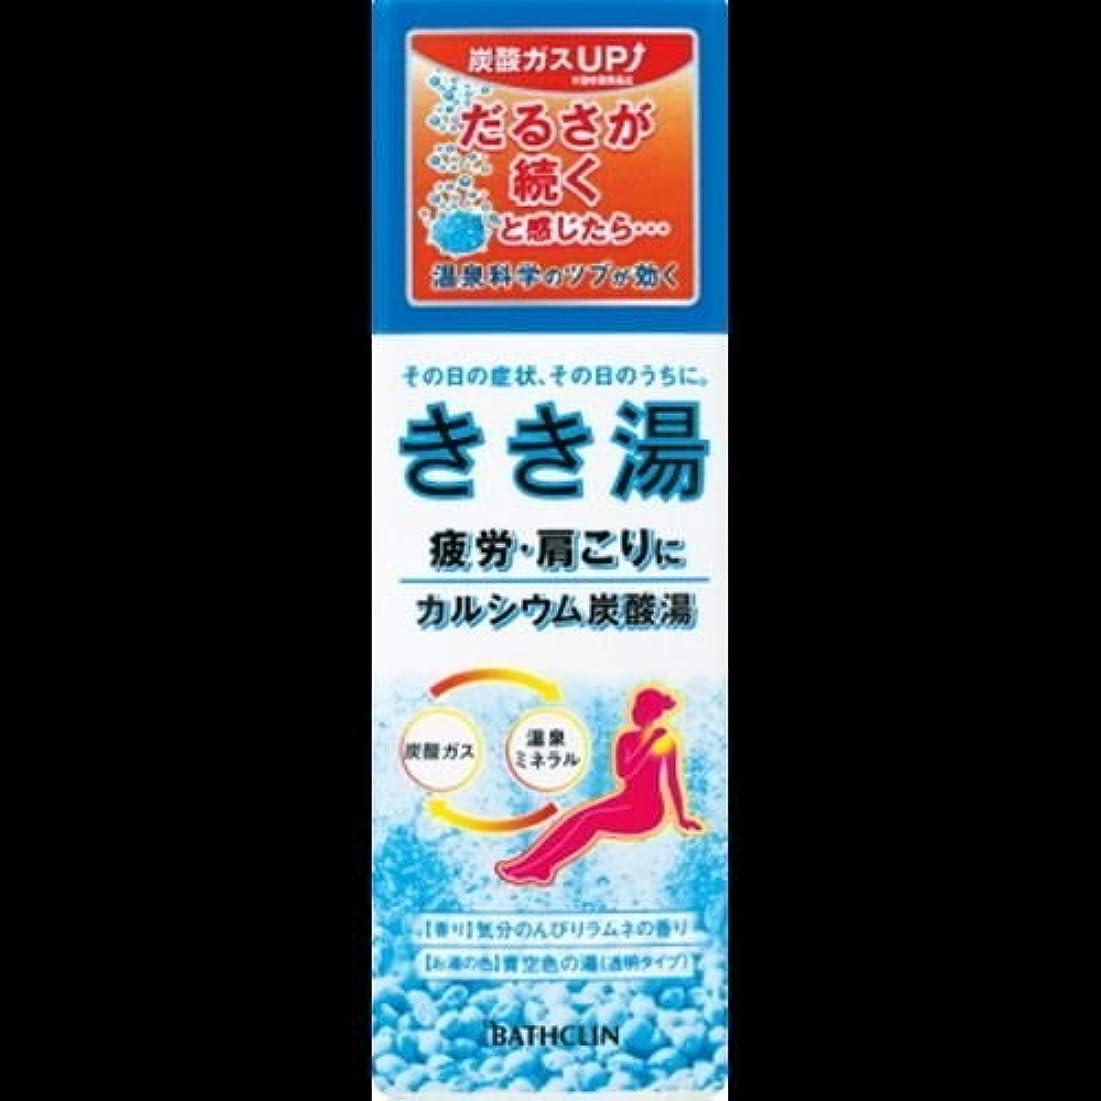 宙返り偽落ち着かない【まとめ買い】きき湯 カルシウム炭酸湯 気分のんびりラムネの香り 青空色の湯(透明タイプ) 360g ×2セット